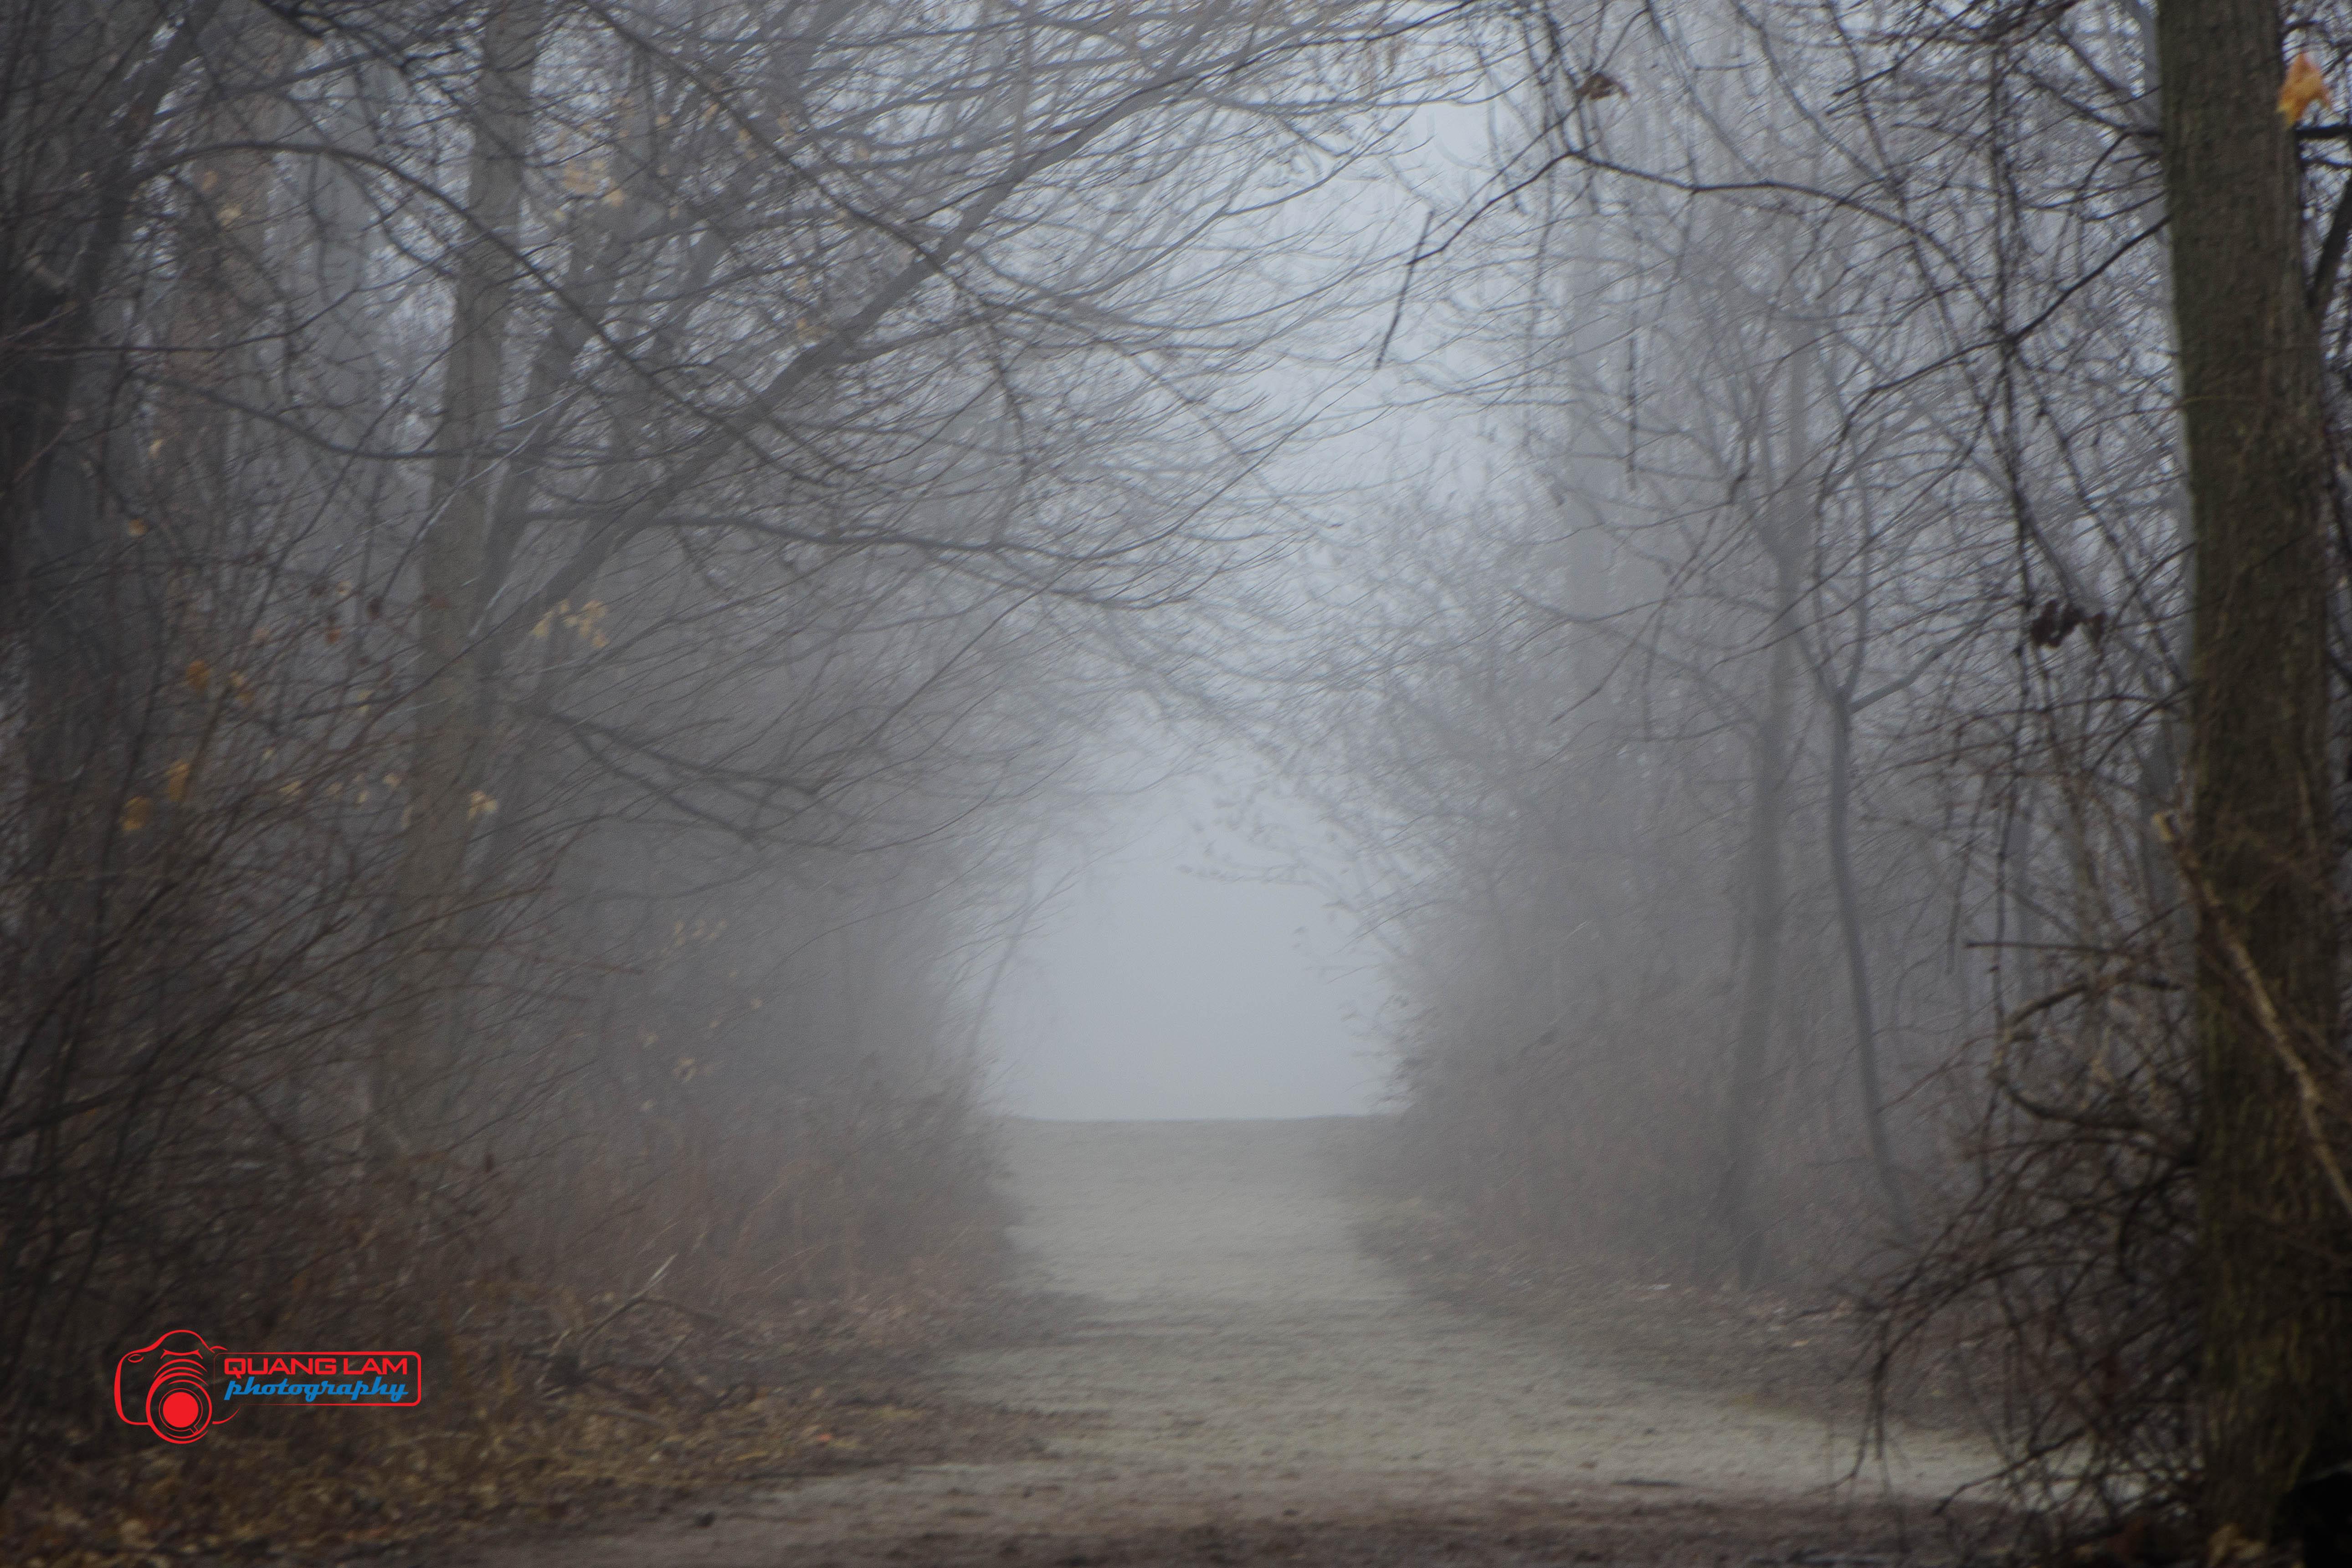 Quang-Lam-Toronto-Condos-foggy-1